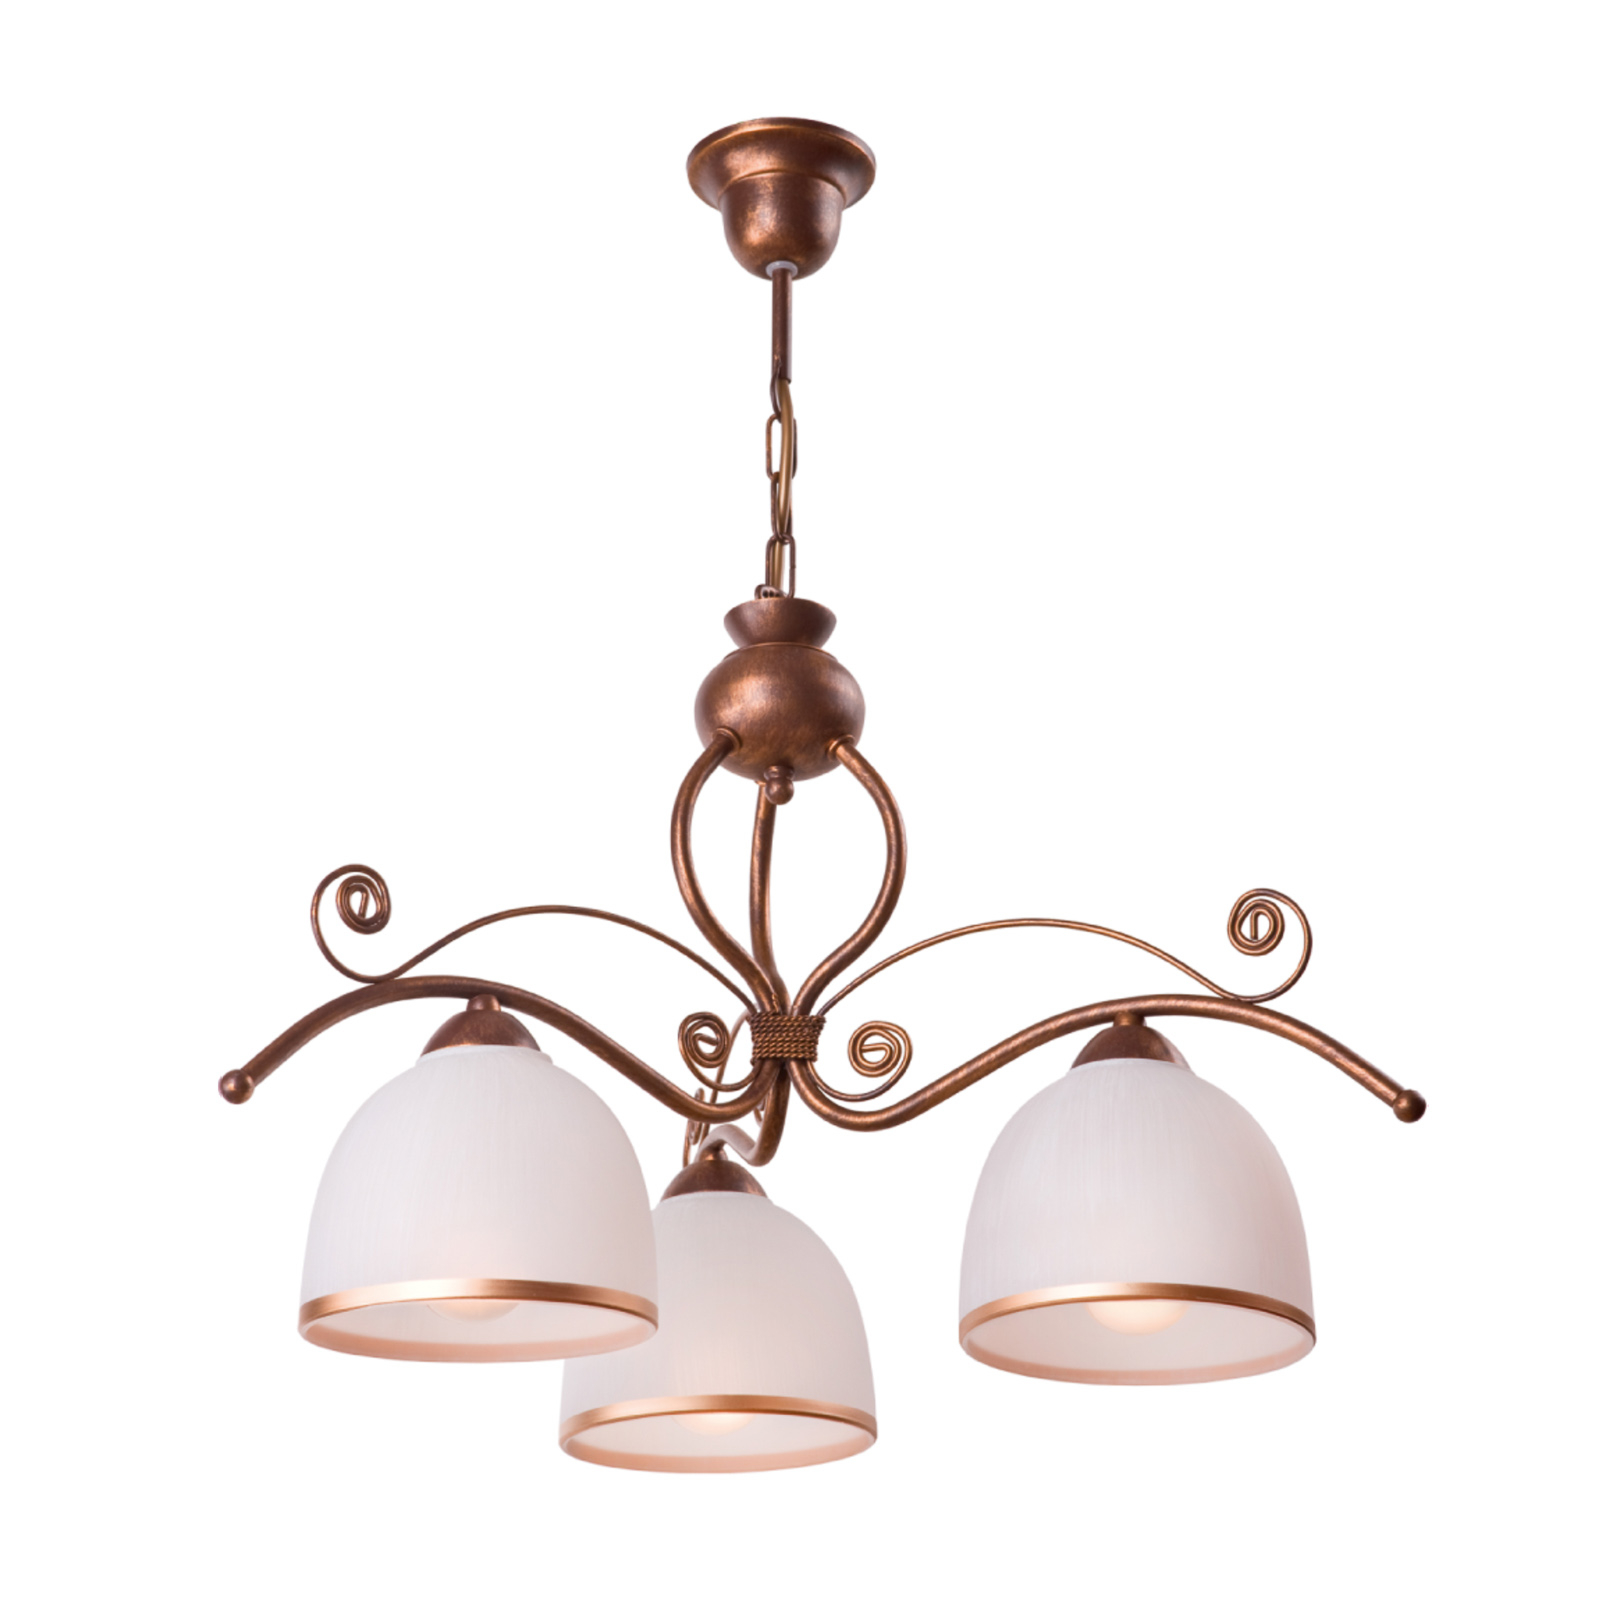 Roma hængelampe i hvid og brun, 3 lyskilder